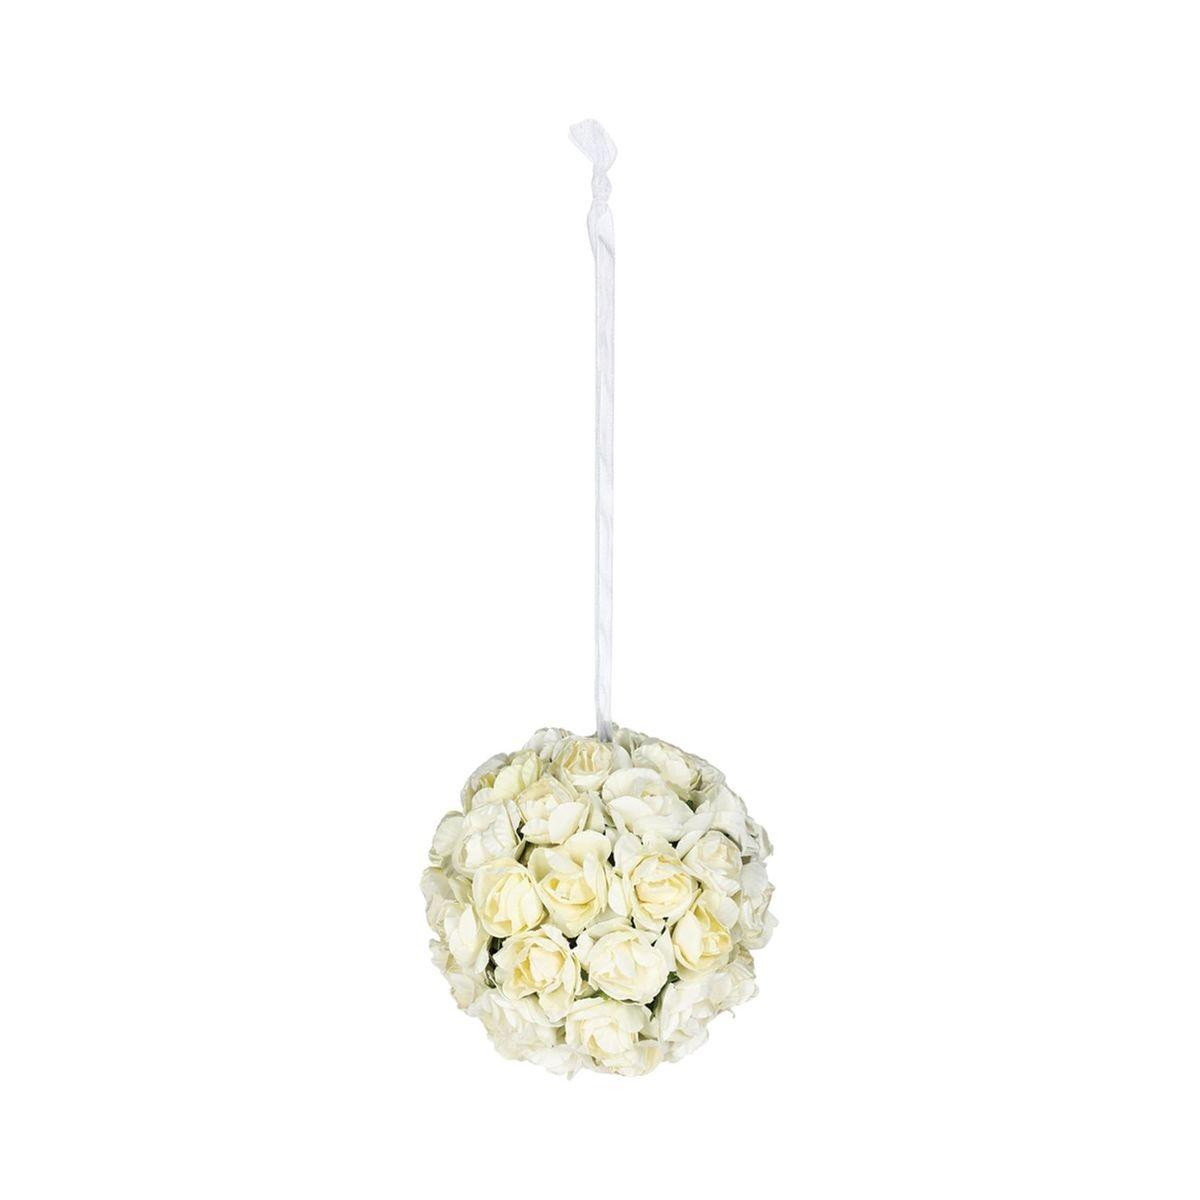 Boule de roses artificielles - Diam. 9 cm